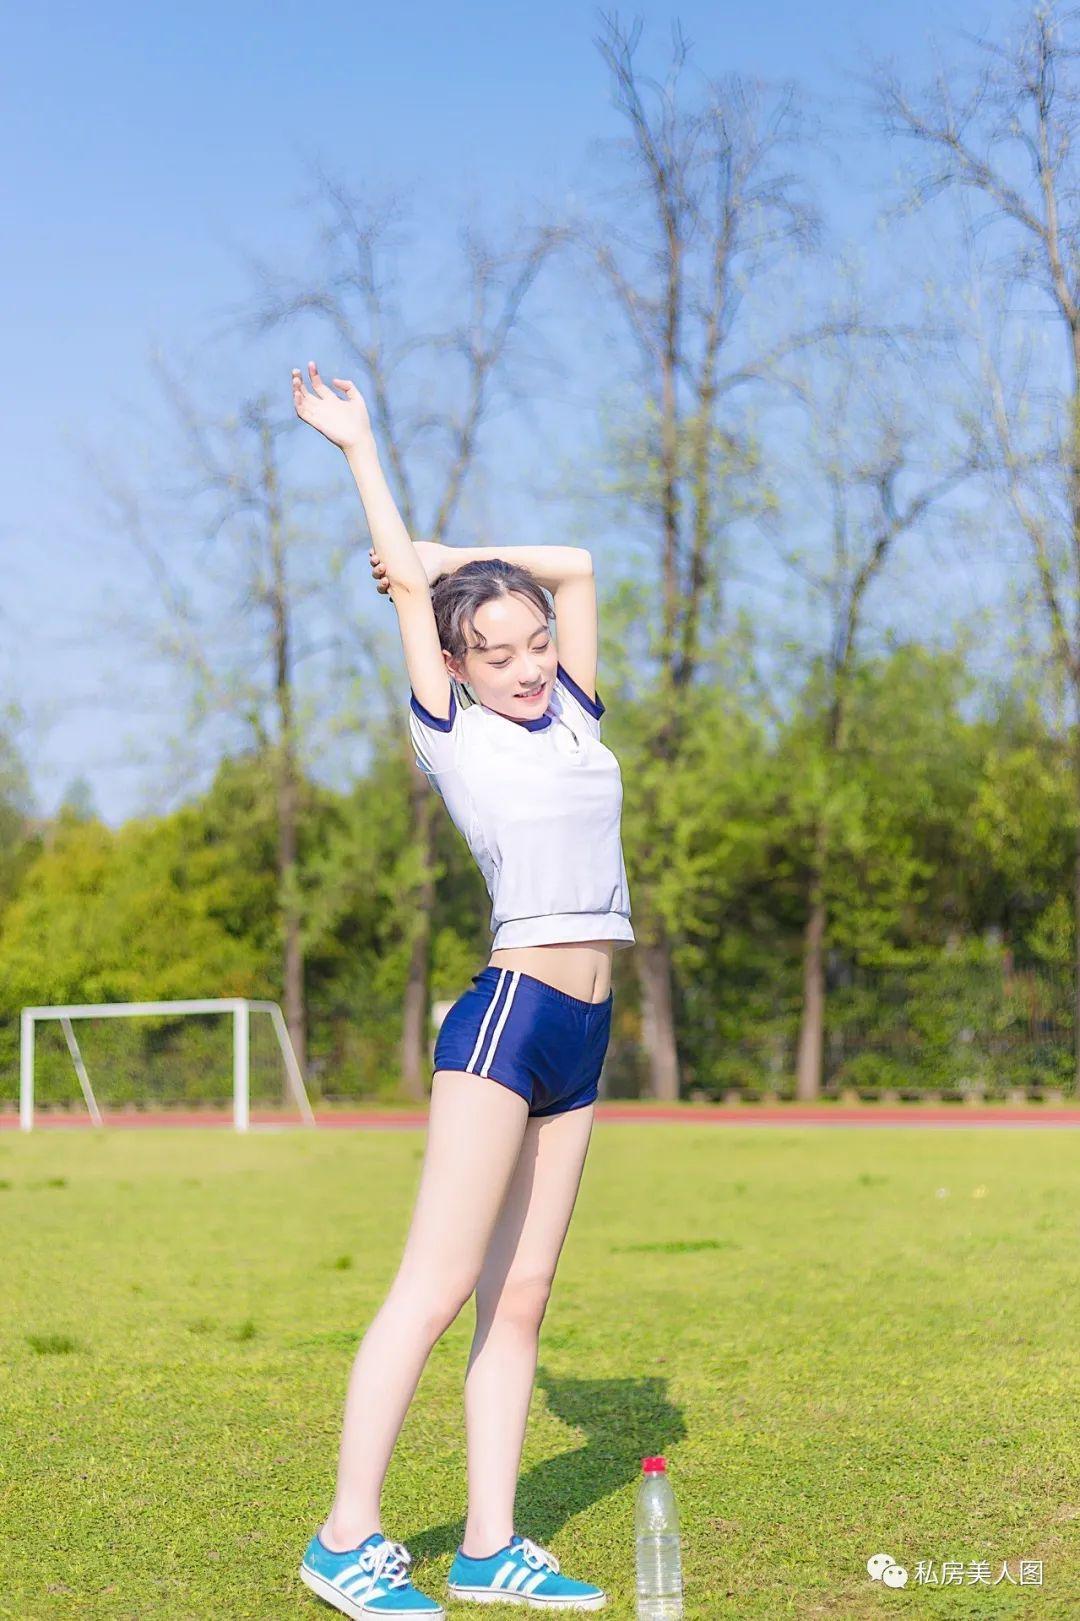 妹子摄影 – 青春学妹体操服在操场上迎着阳光 元气活力_图片 No.1